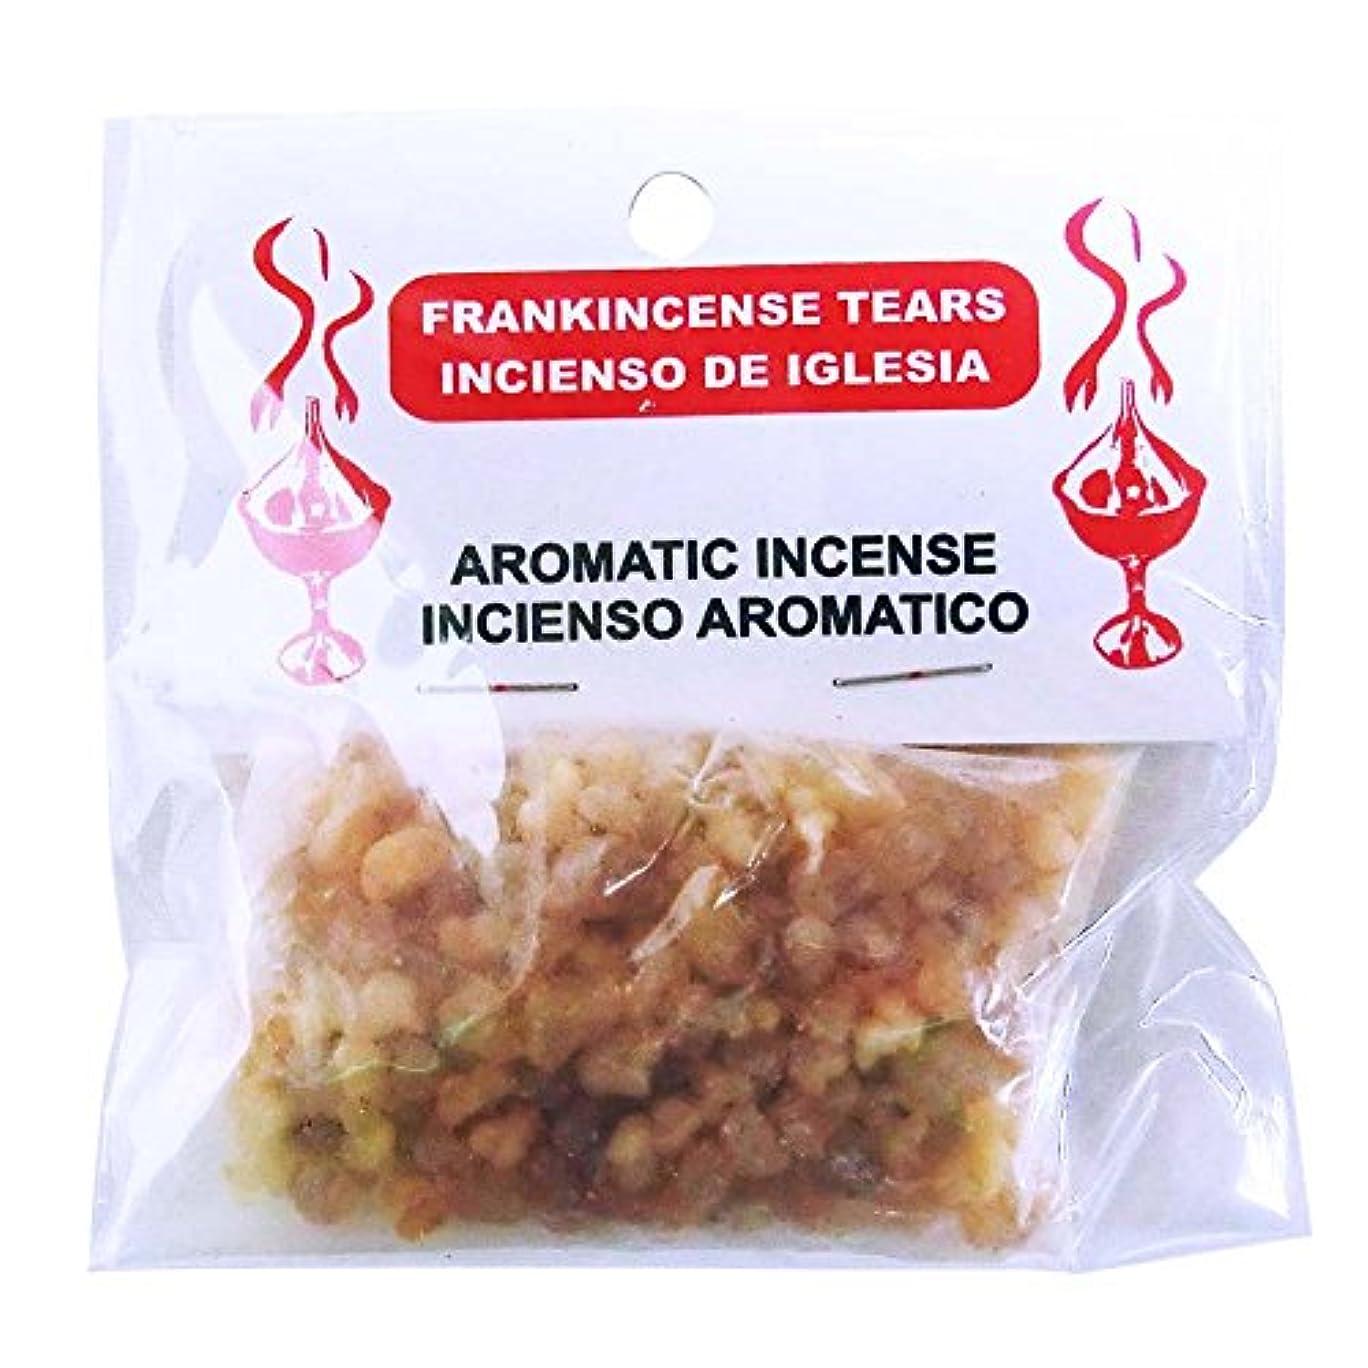 操作可能インディカサッカー3KINGS Resin Incense(ヨルダンの聖別香) Frankincense Tears